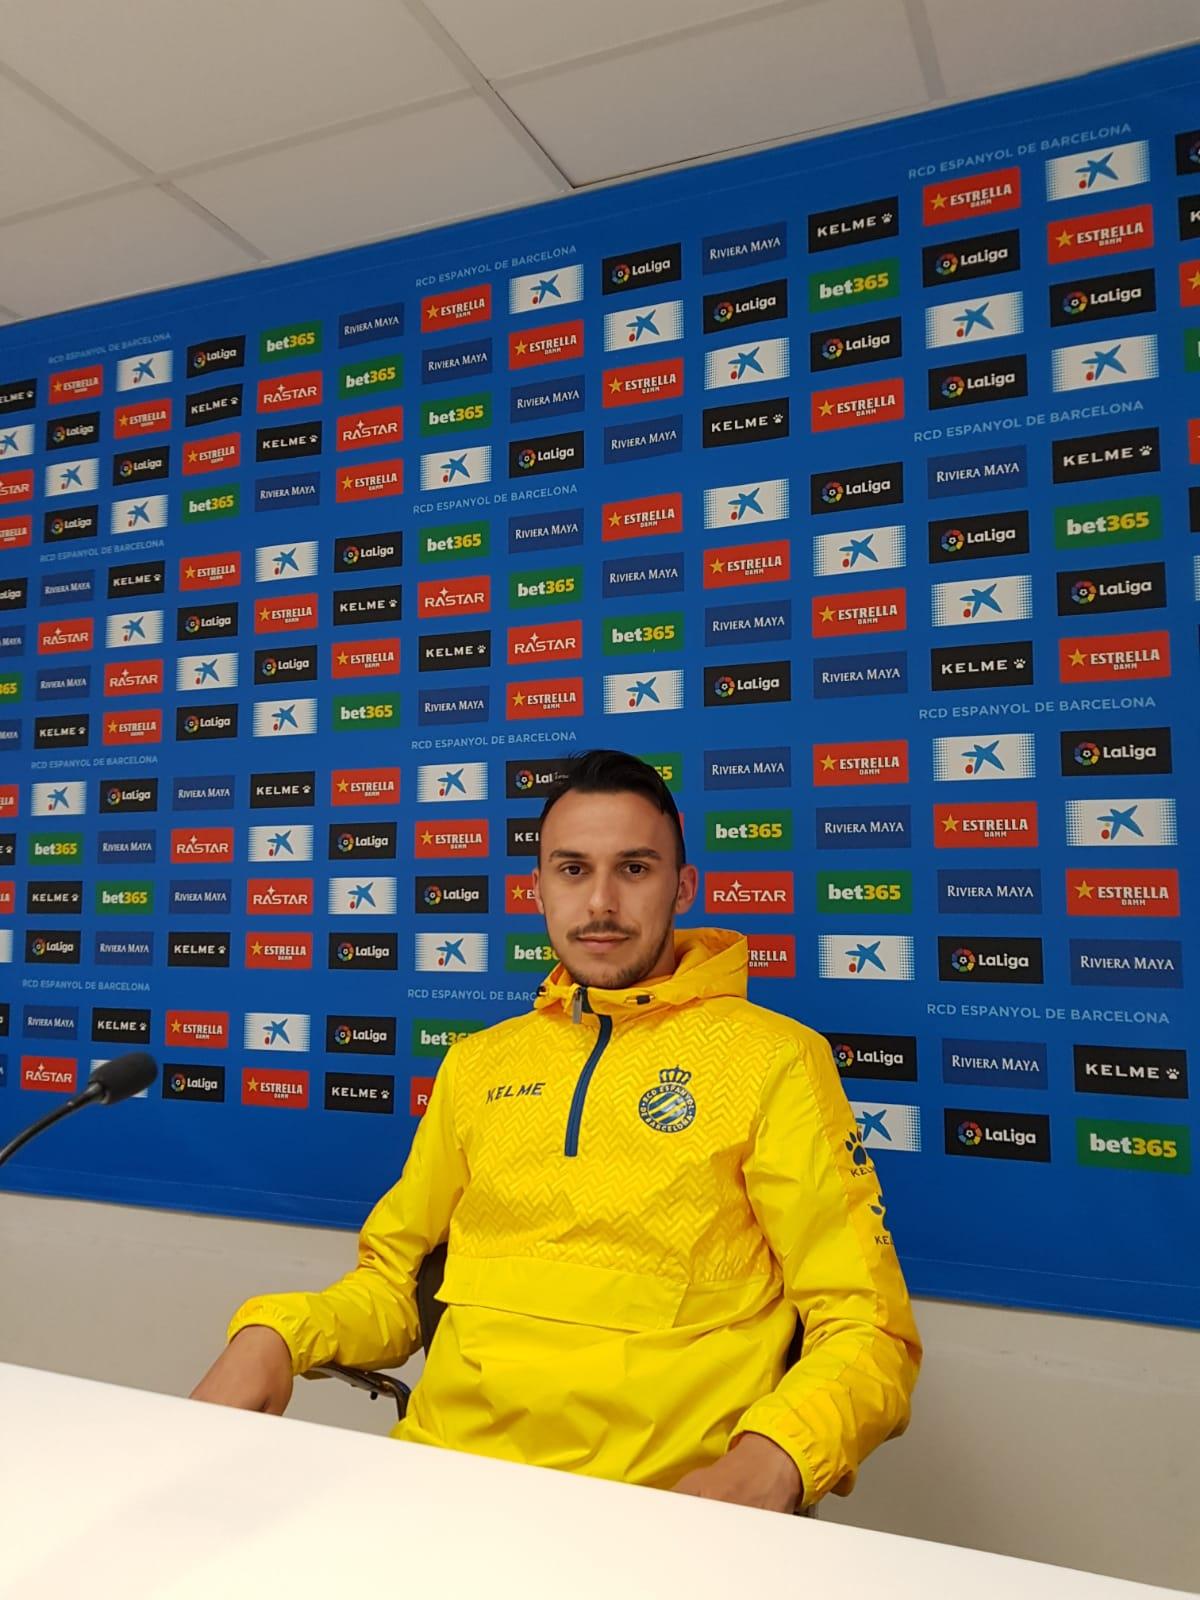 Coach Stefan Ristic